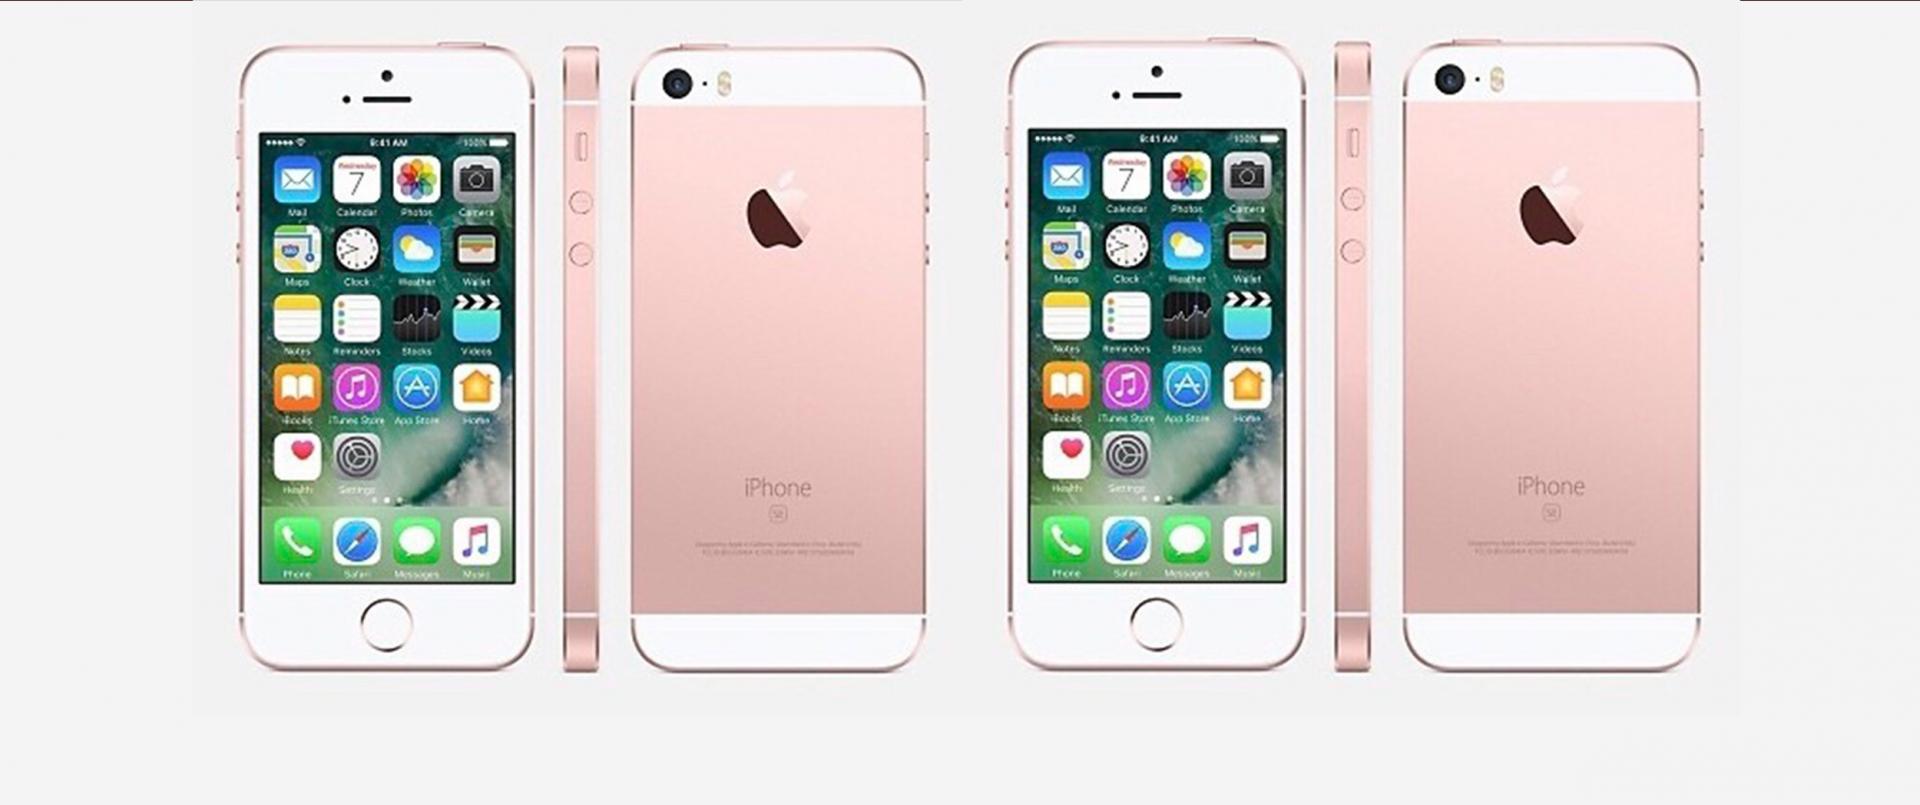 iPhone SE 2, caratteristiche e uscita dell'iPhone economico